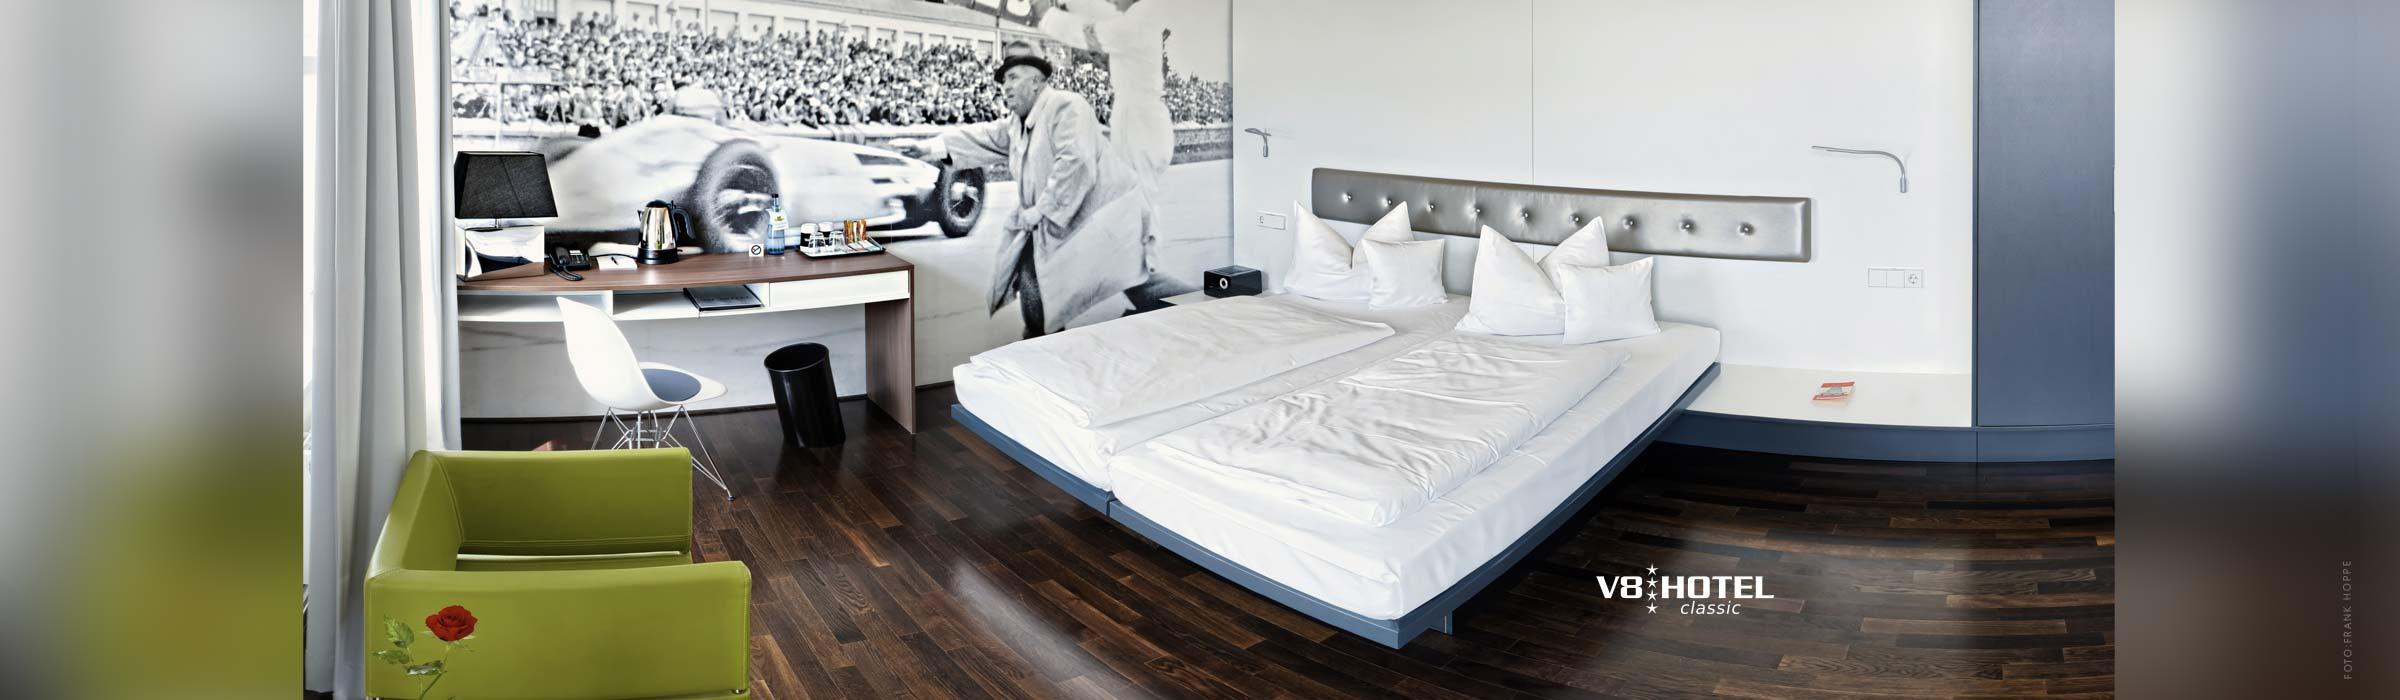 Übernachtung - Designzimmer - V8 Hotel Motorworld Stuttgart